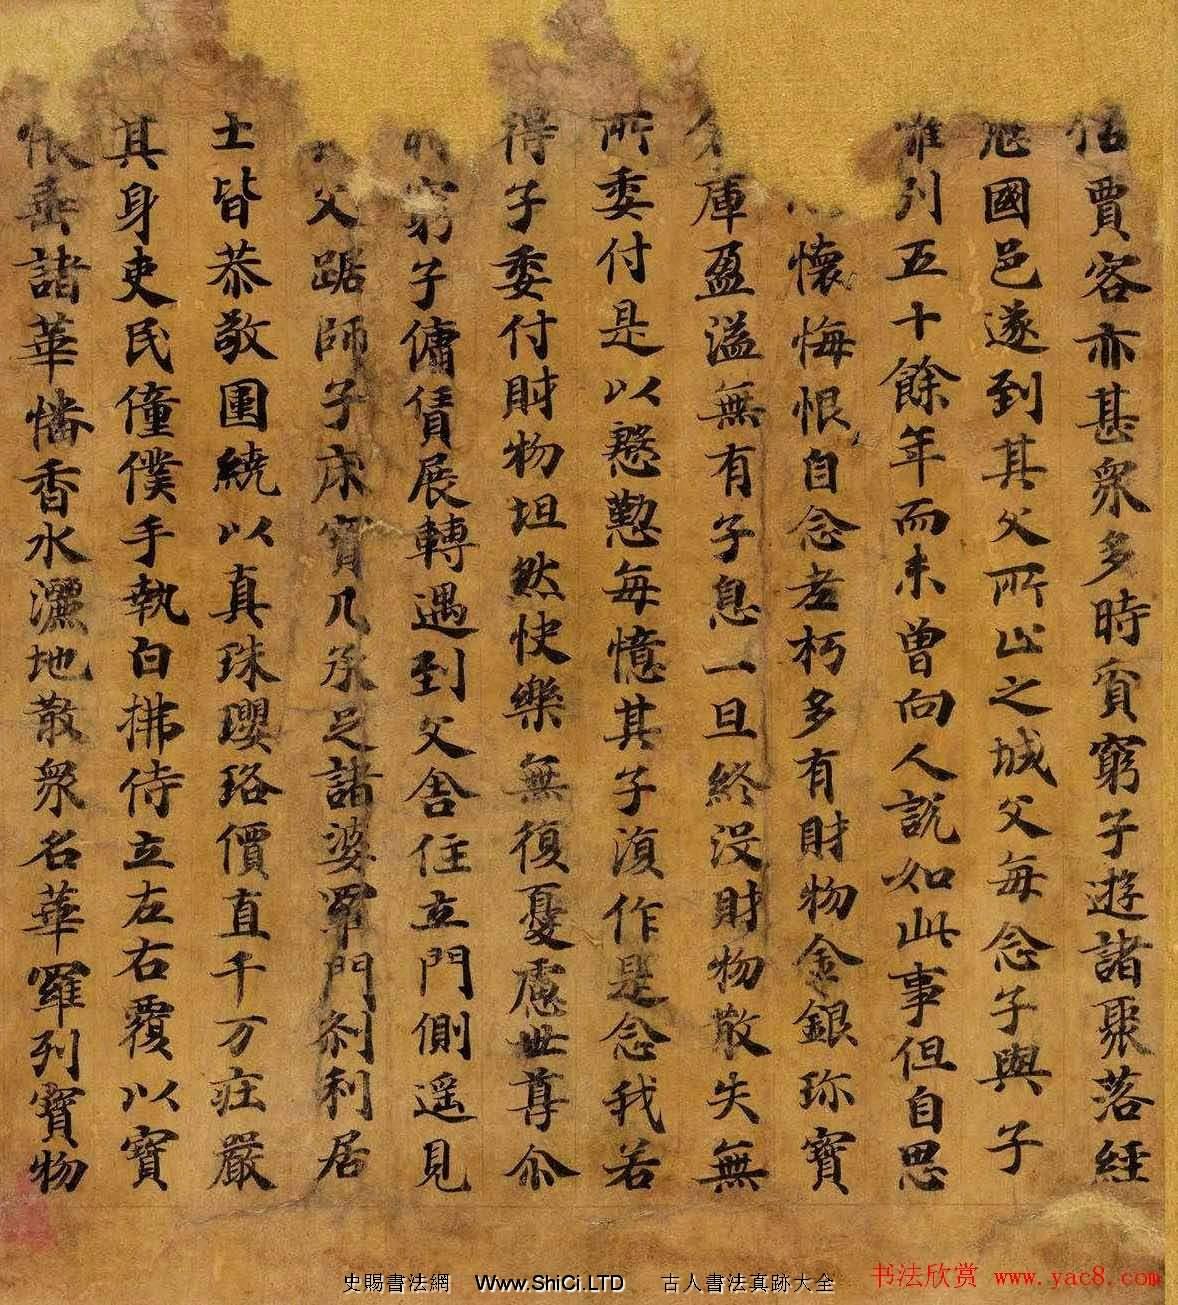 敦煌書法墨跡真跡欣賞《法華義疏》(共8張圖片)